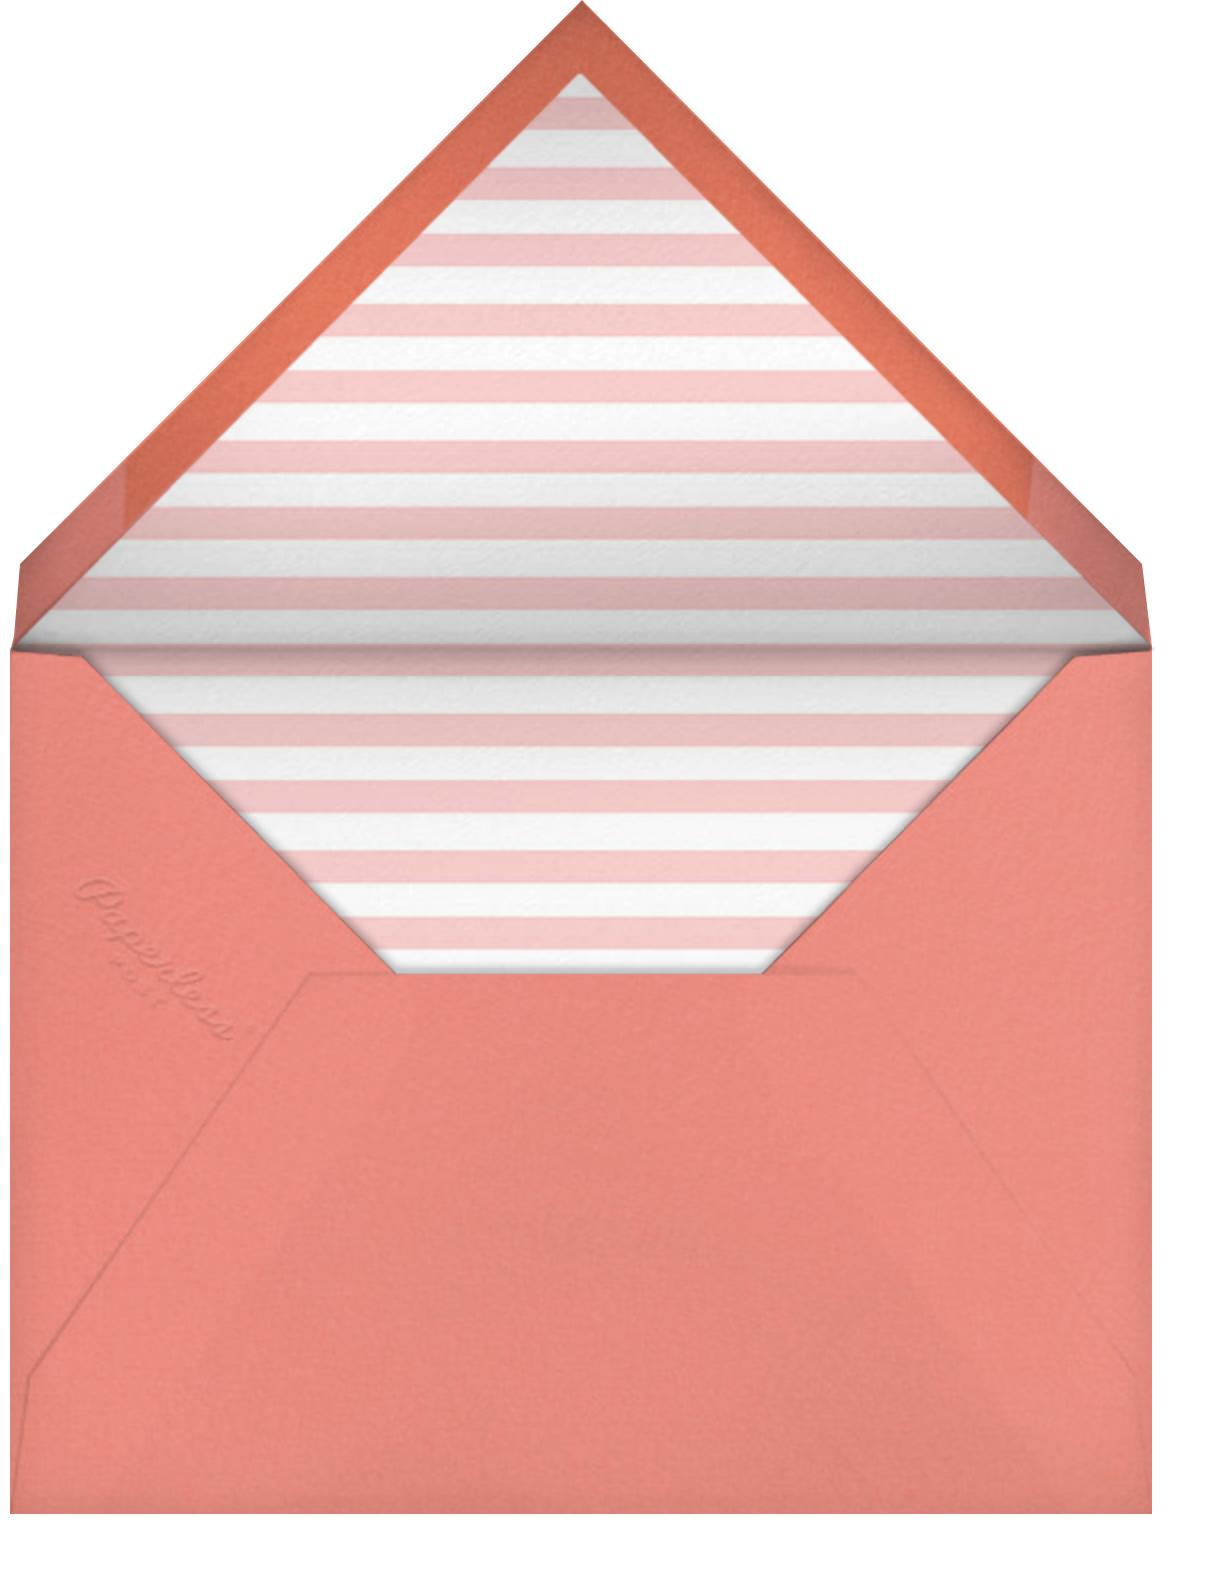 Quint - Papaya/Rose Gold - Paperless Post - Kids' birthday - envelope back